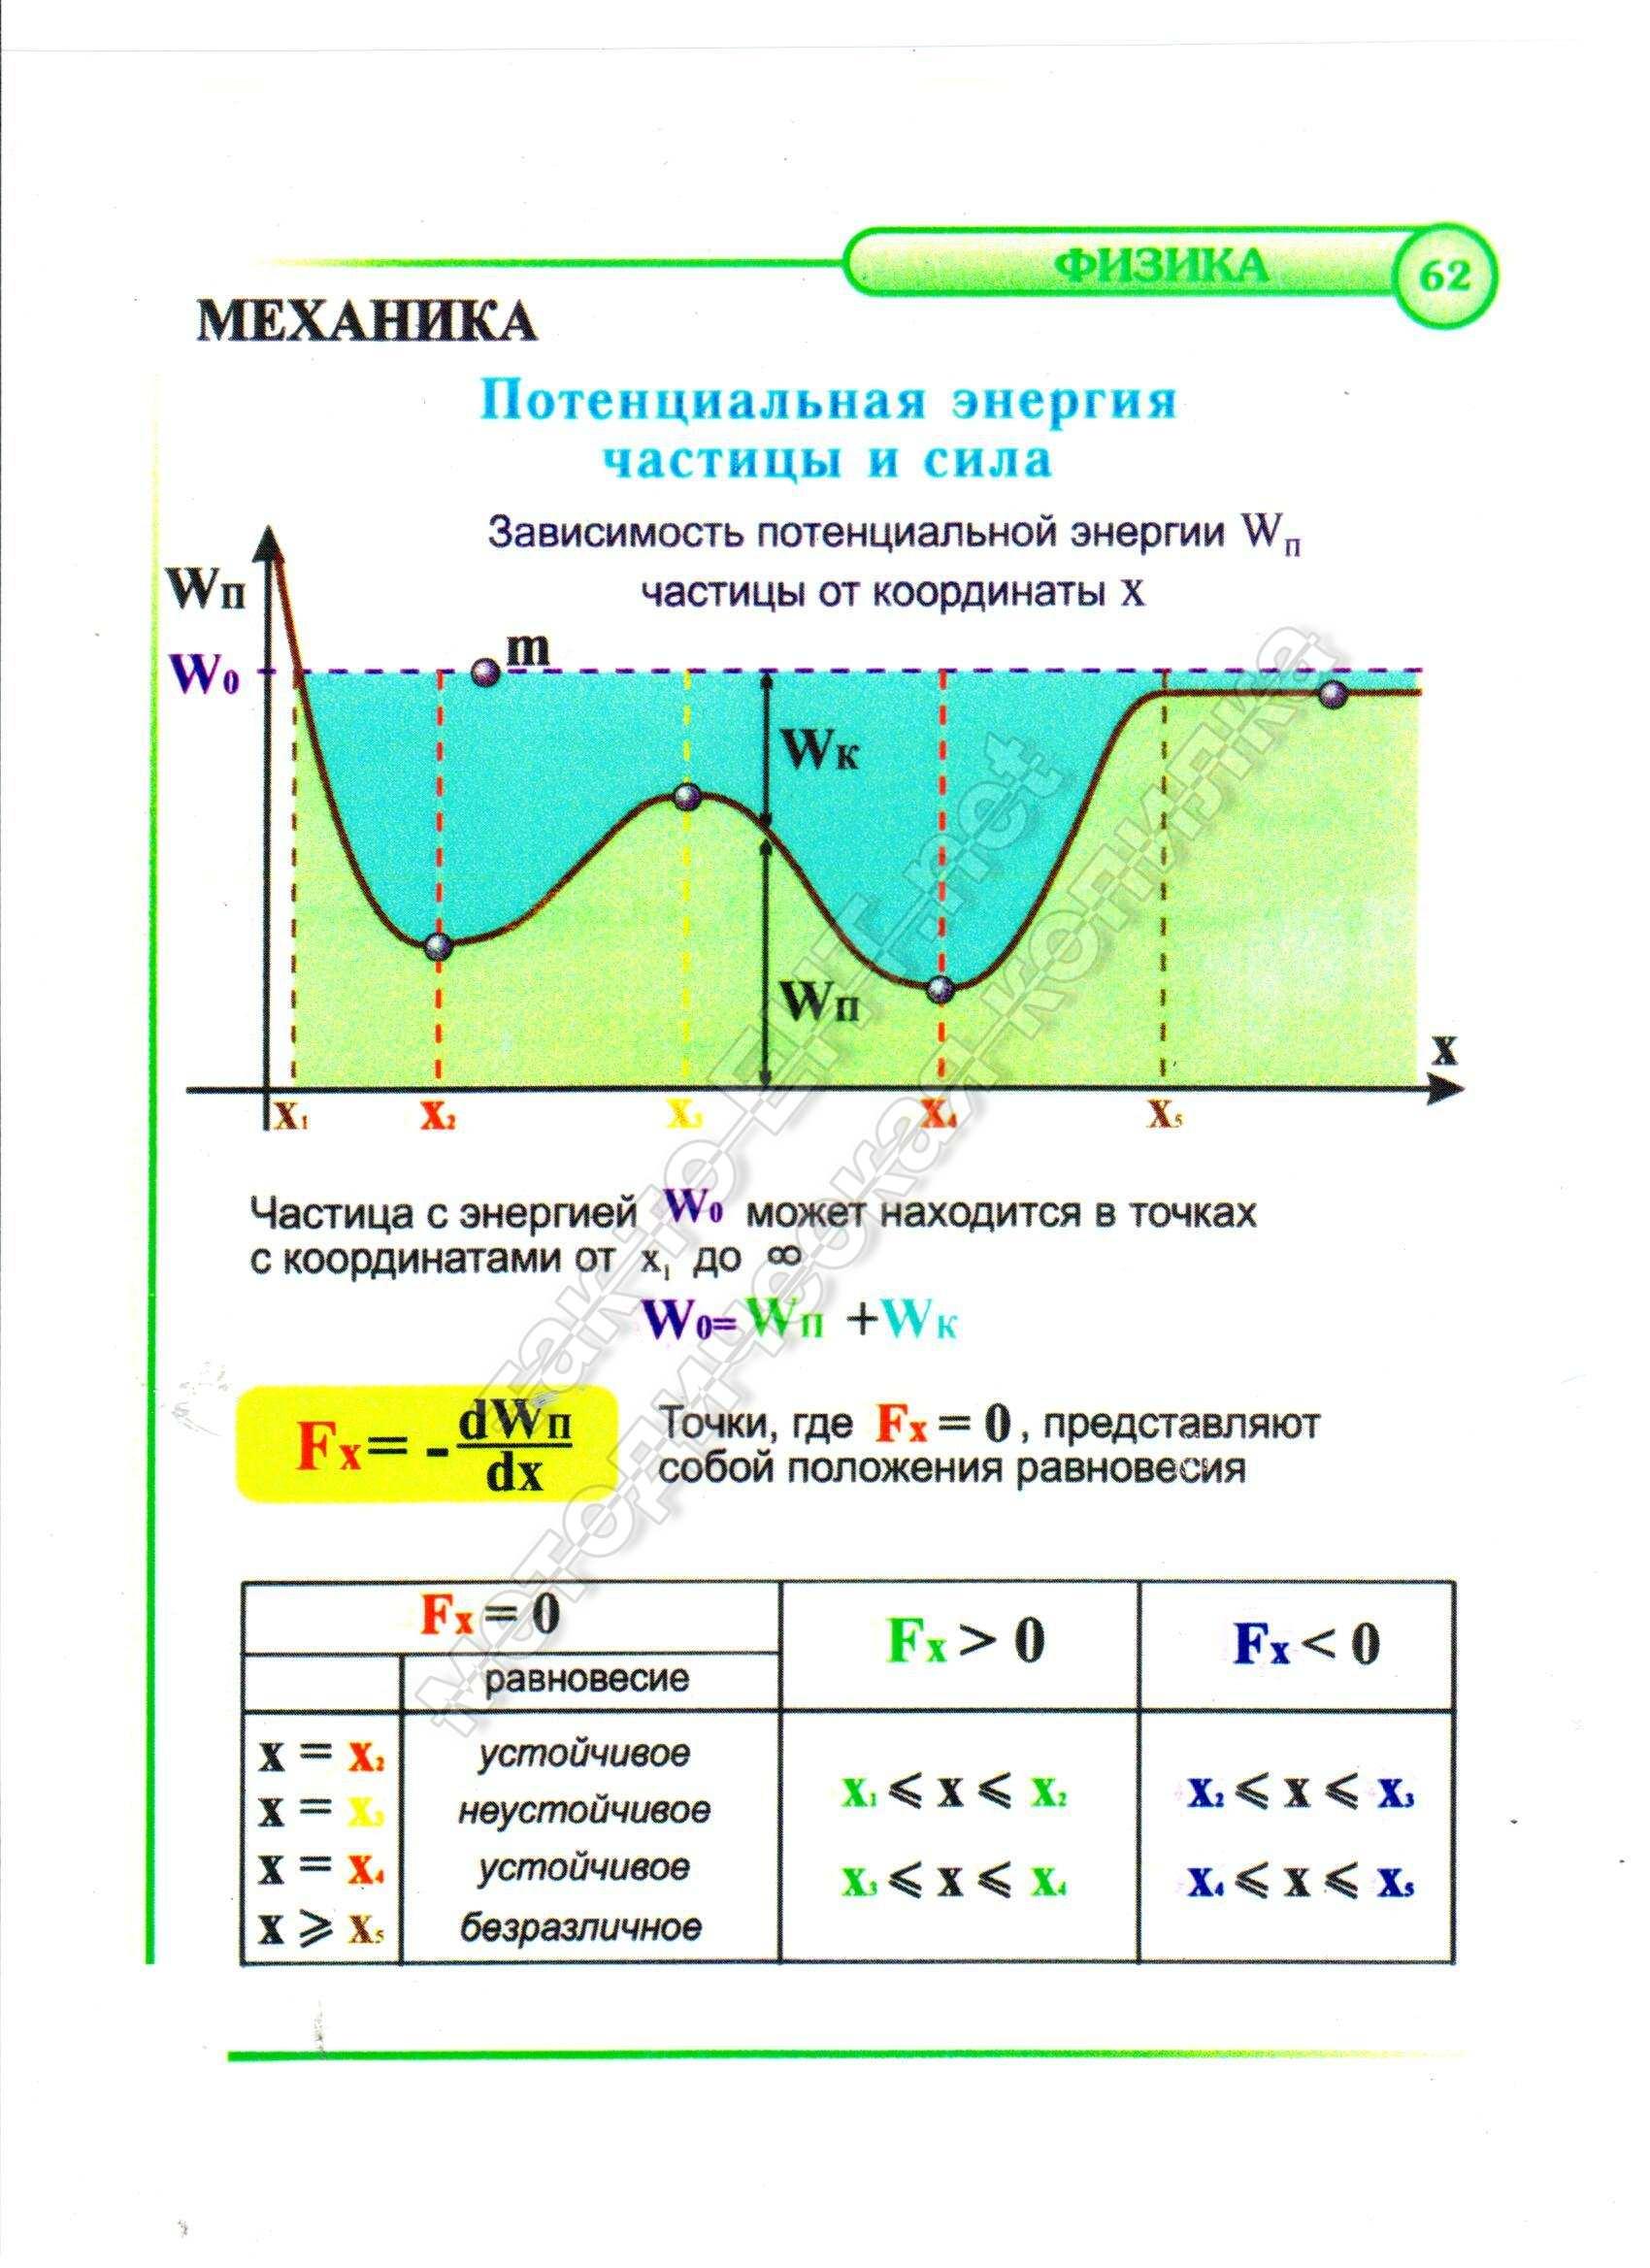 Потенциальная энергия частицы и сила